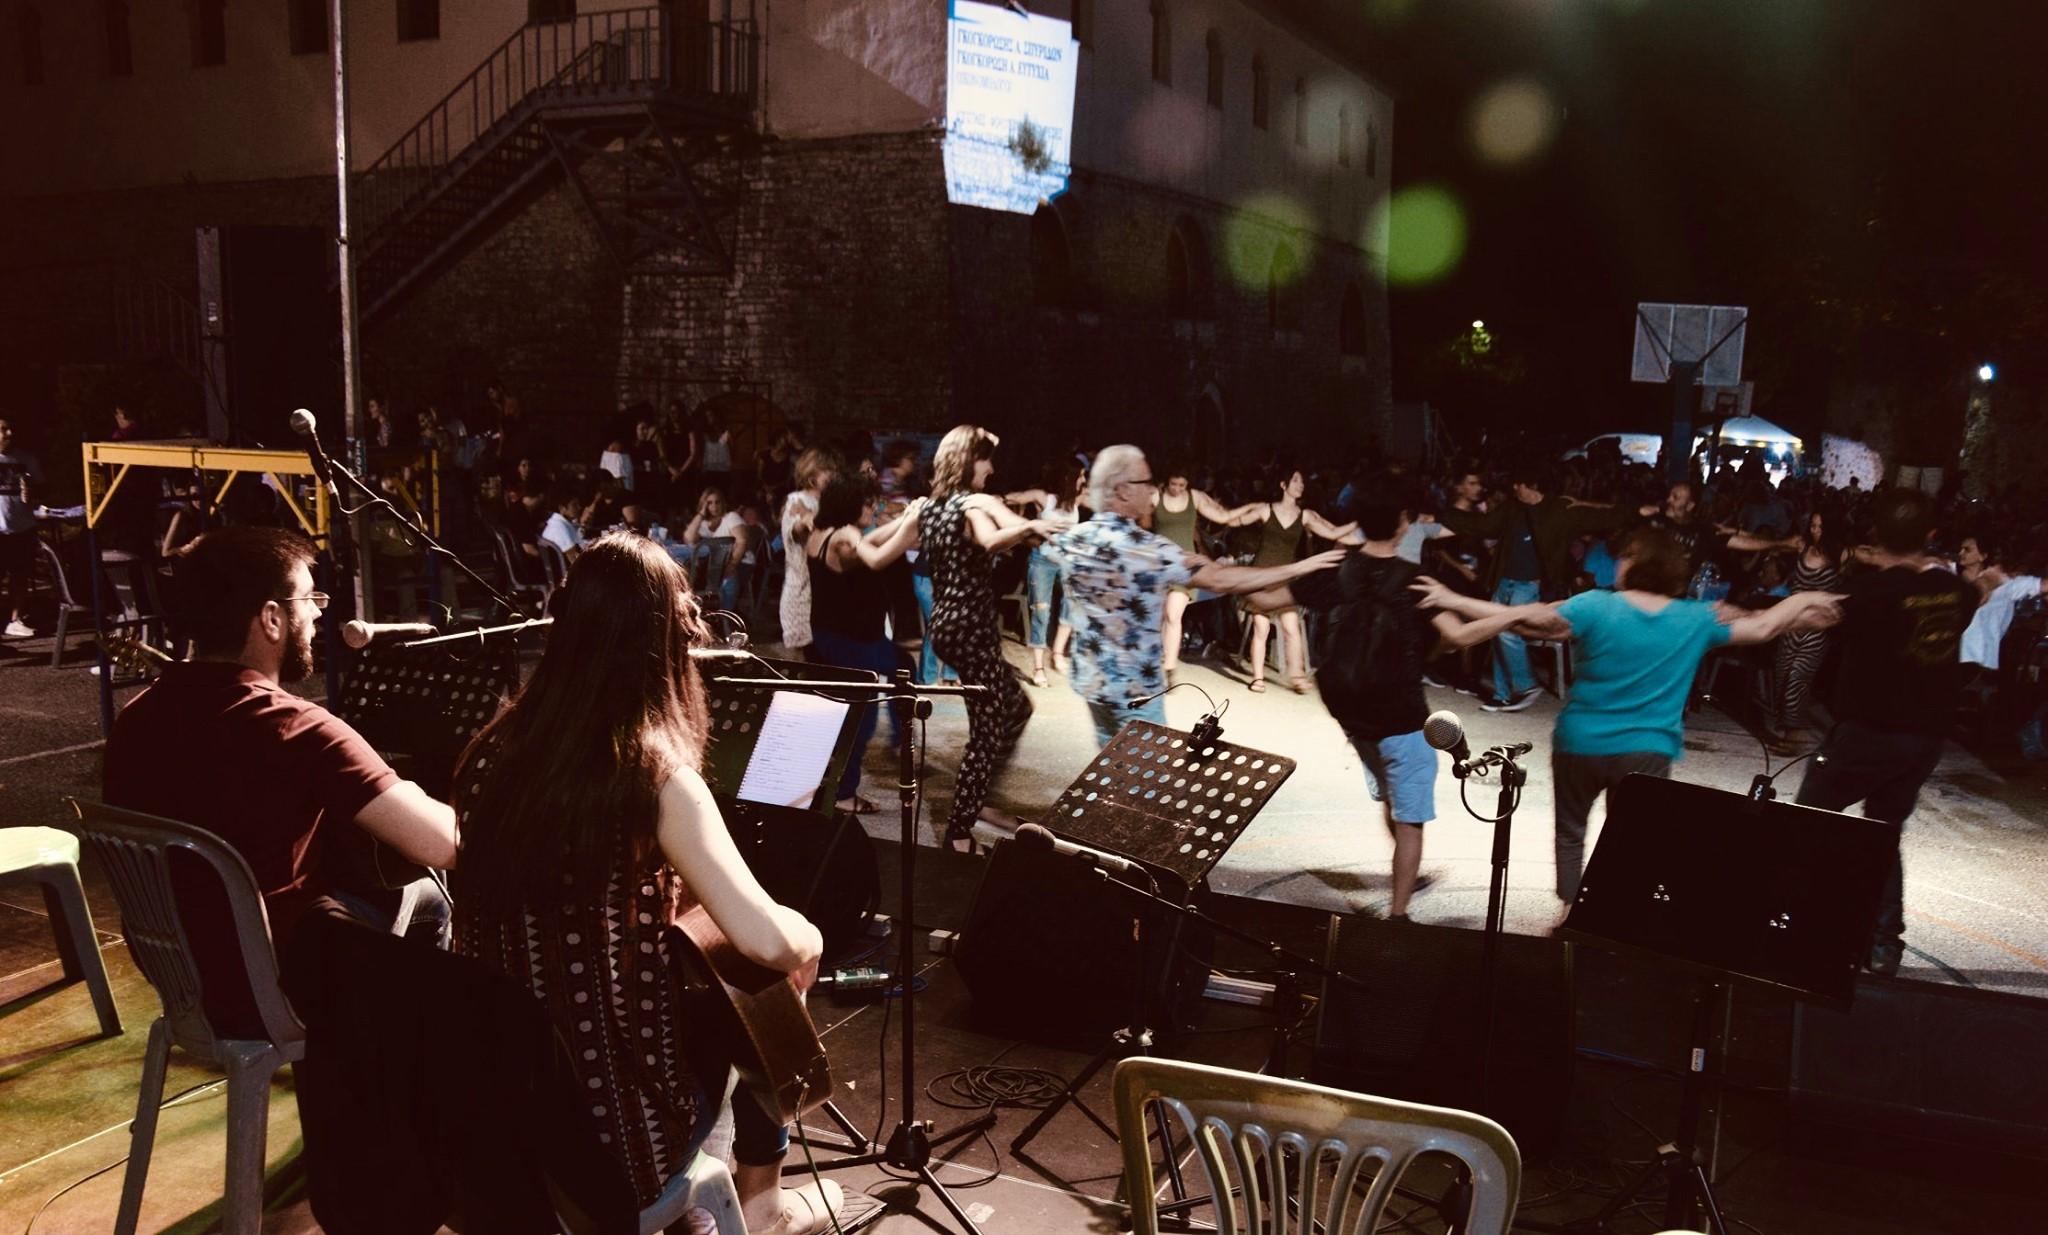 5ο Φεστιβάλ Ρεμπέτικου | Ιωάννινα (29-06-2019)